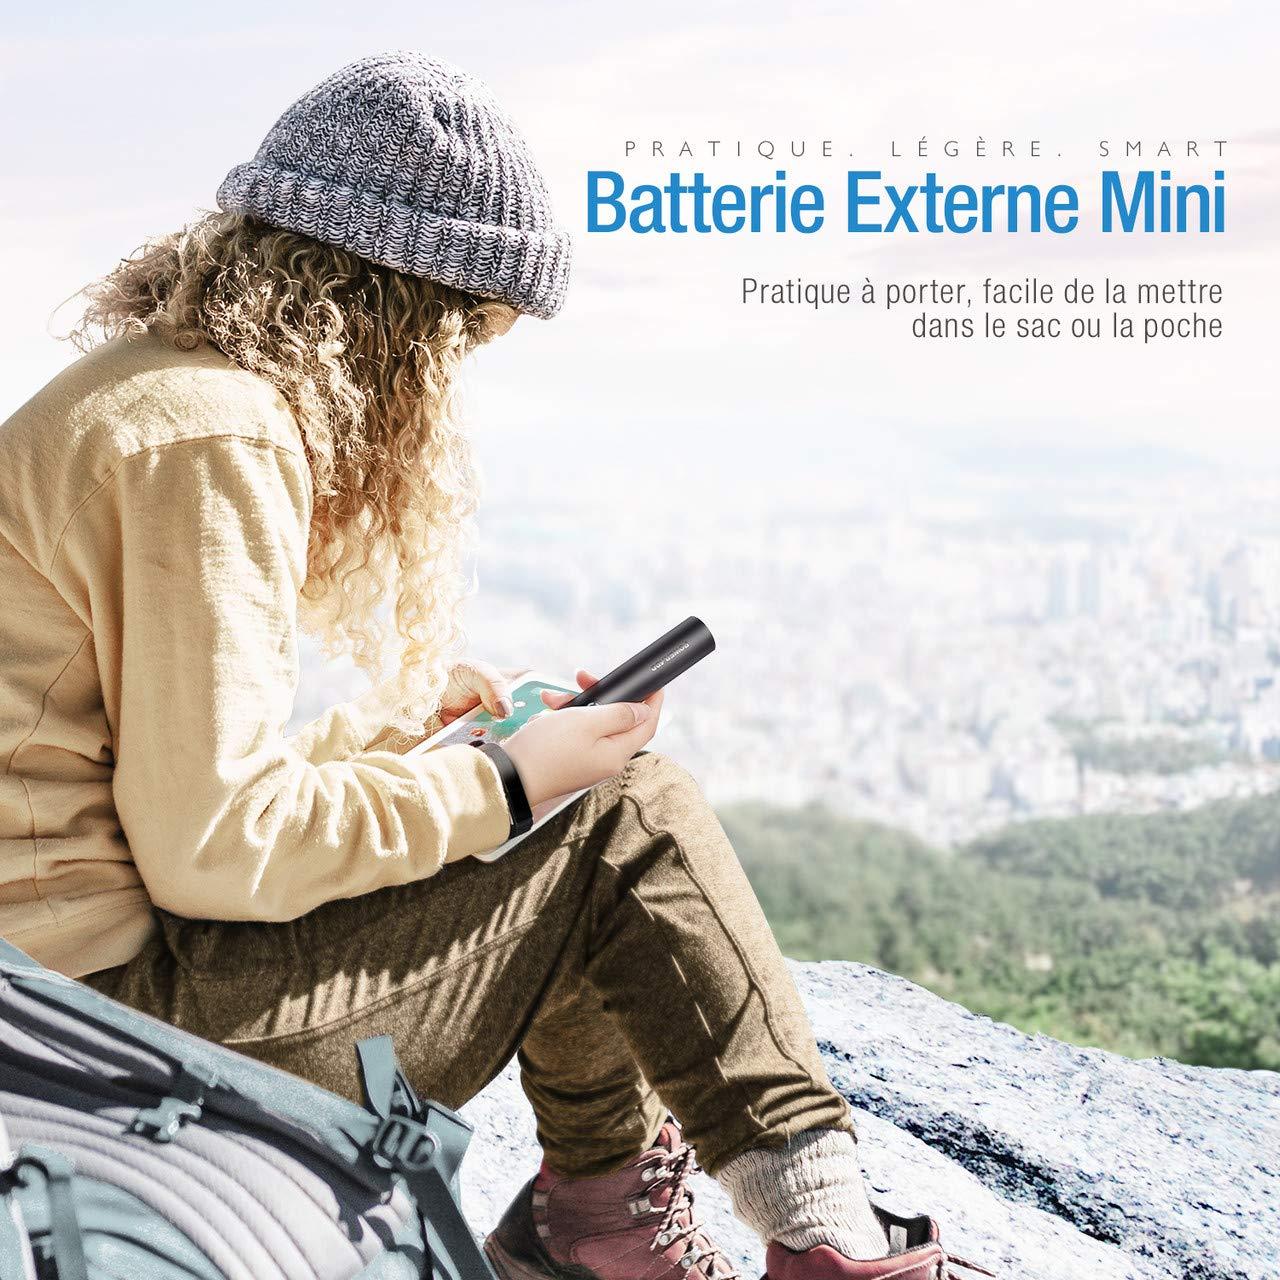 POWERADD Energycell 5000 Batterie Externe Portable 5000mAh Le Plus Petite et Légère avec la Sortie de 2.4A Mini Batterie de Secour-Noir